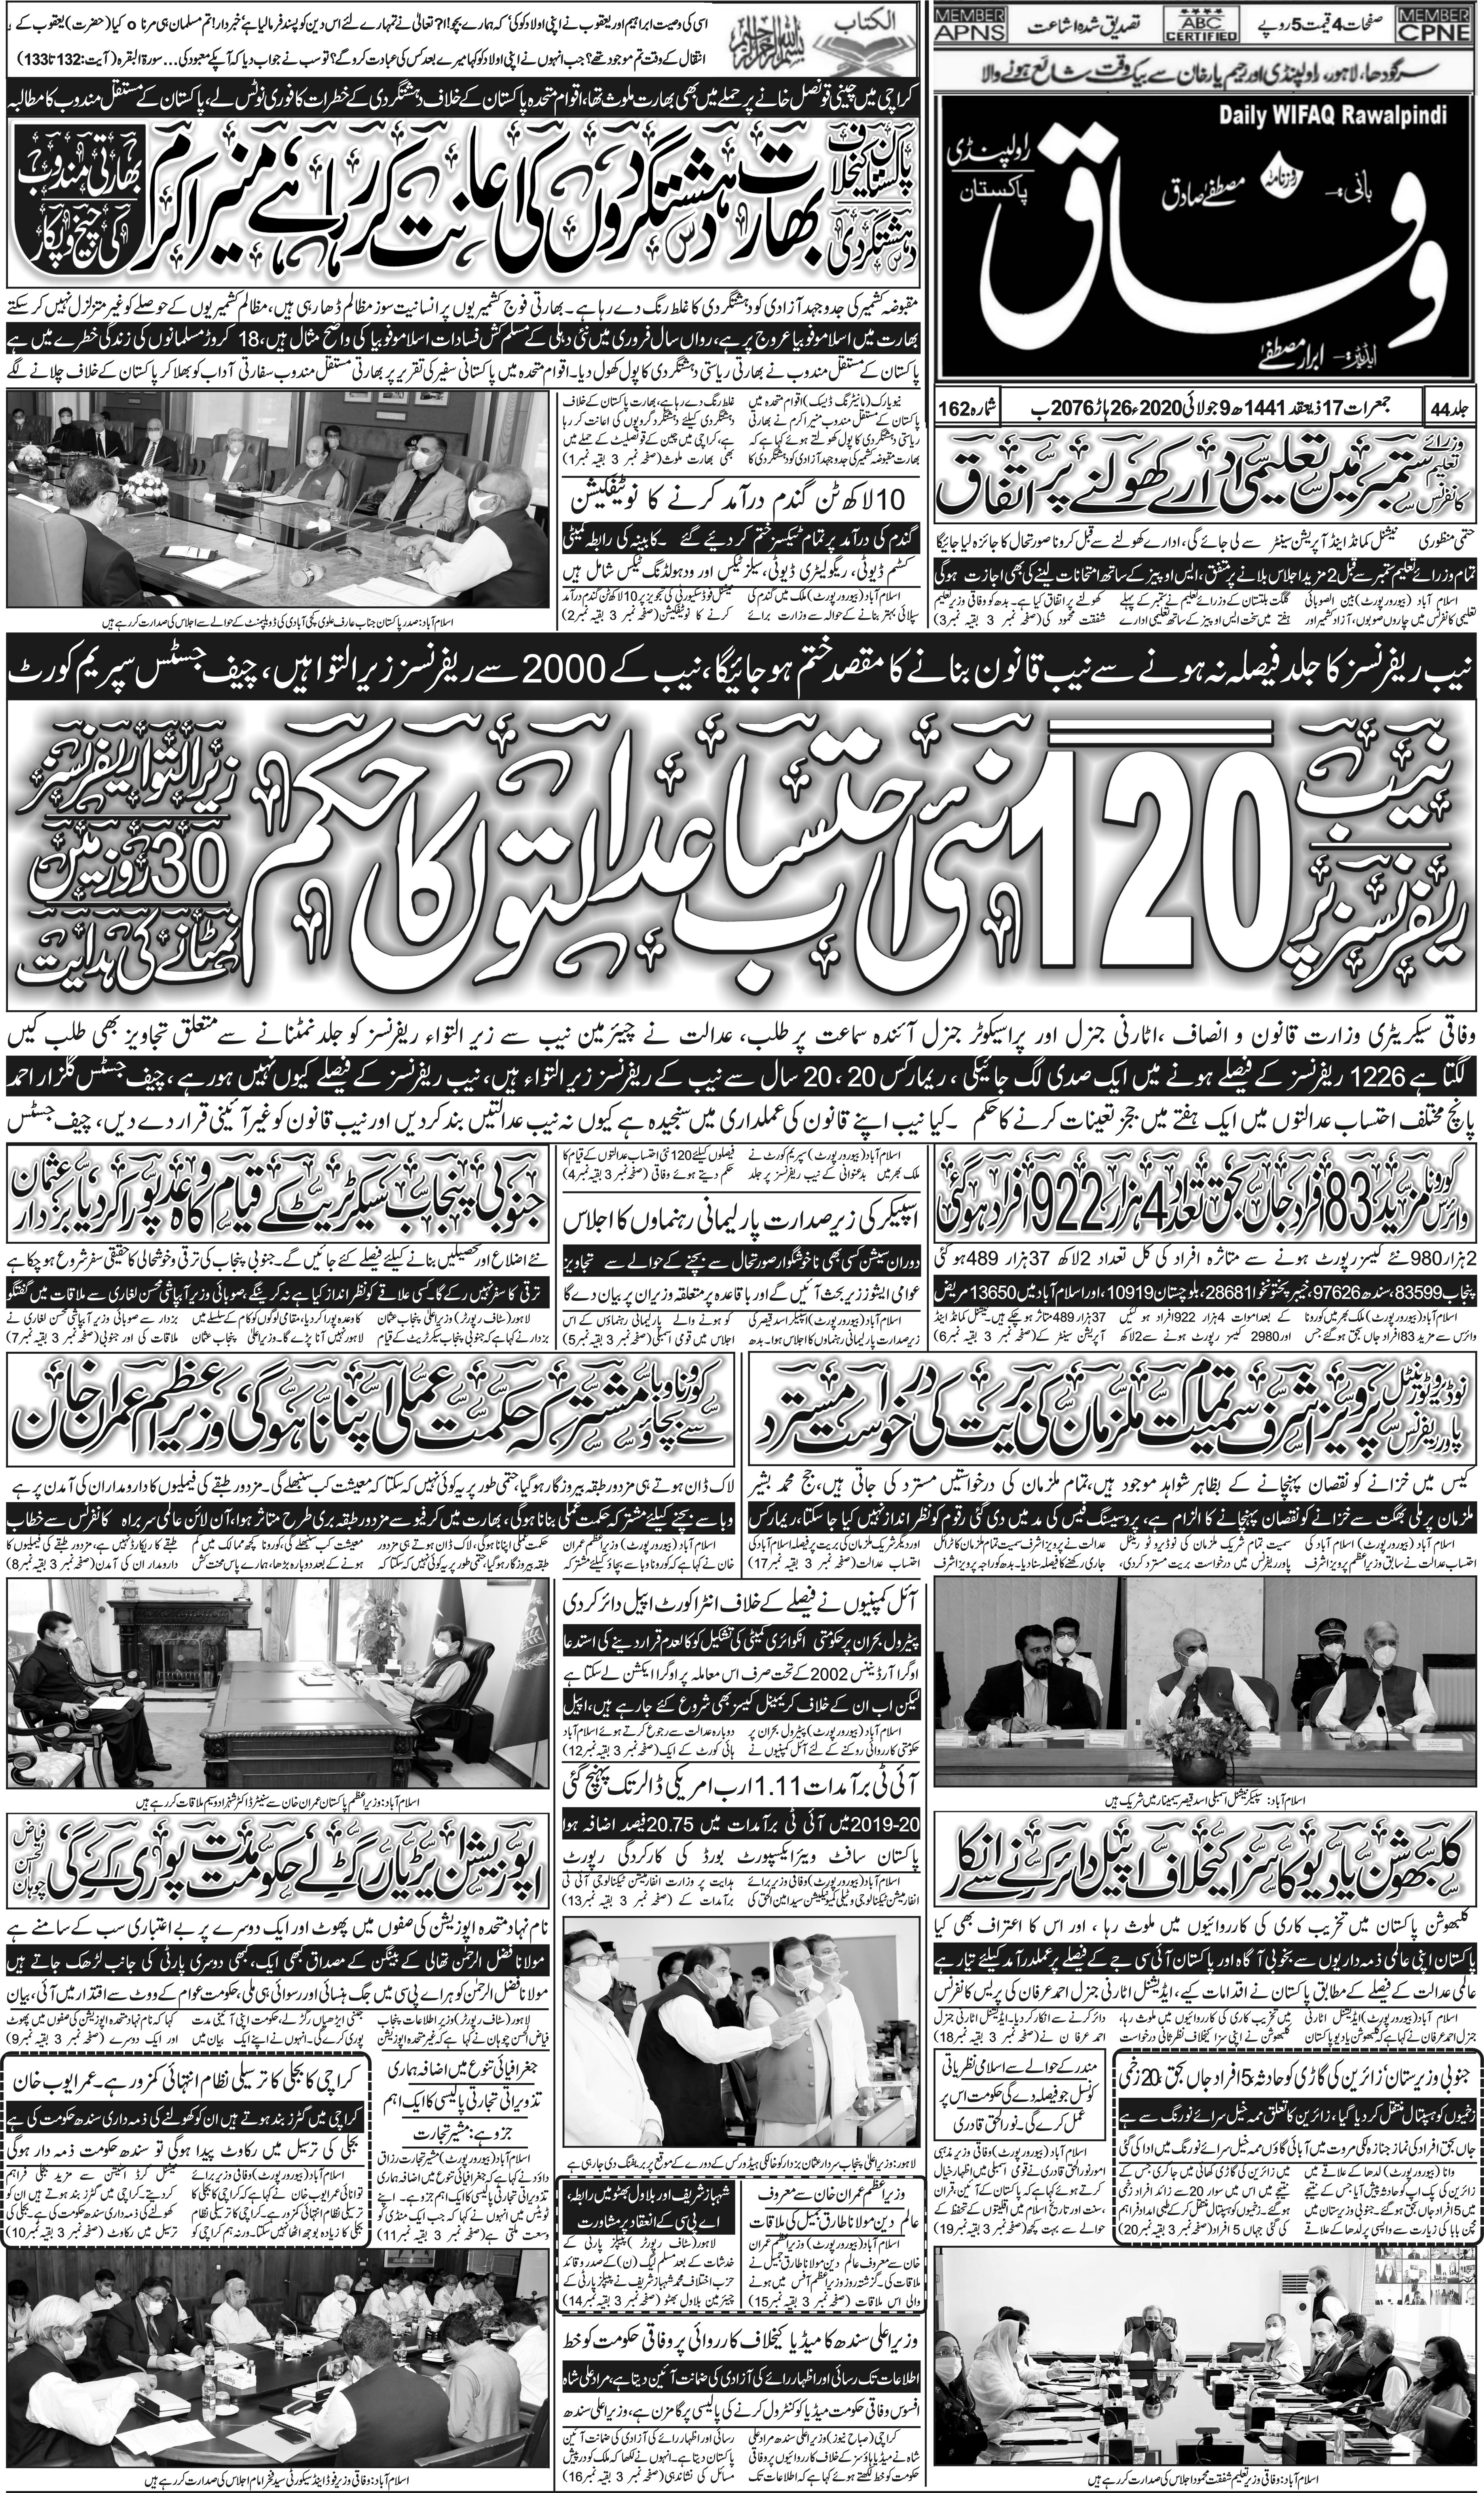 e-Paper – Daily Wifaq – Rawalpindi – 09-07-2020